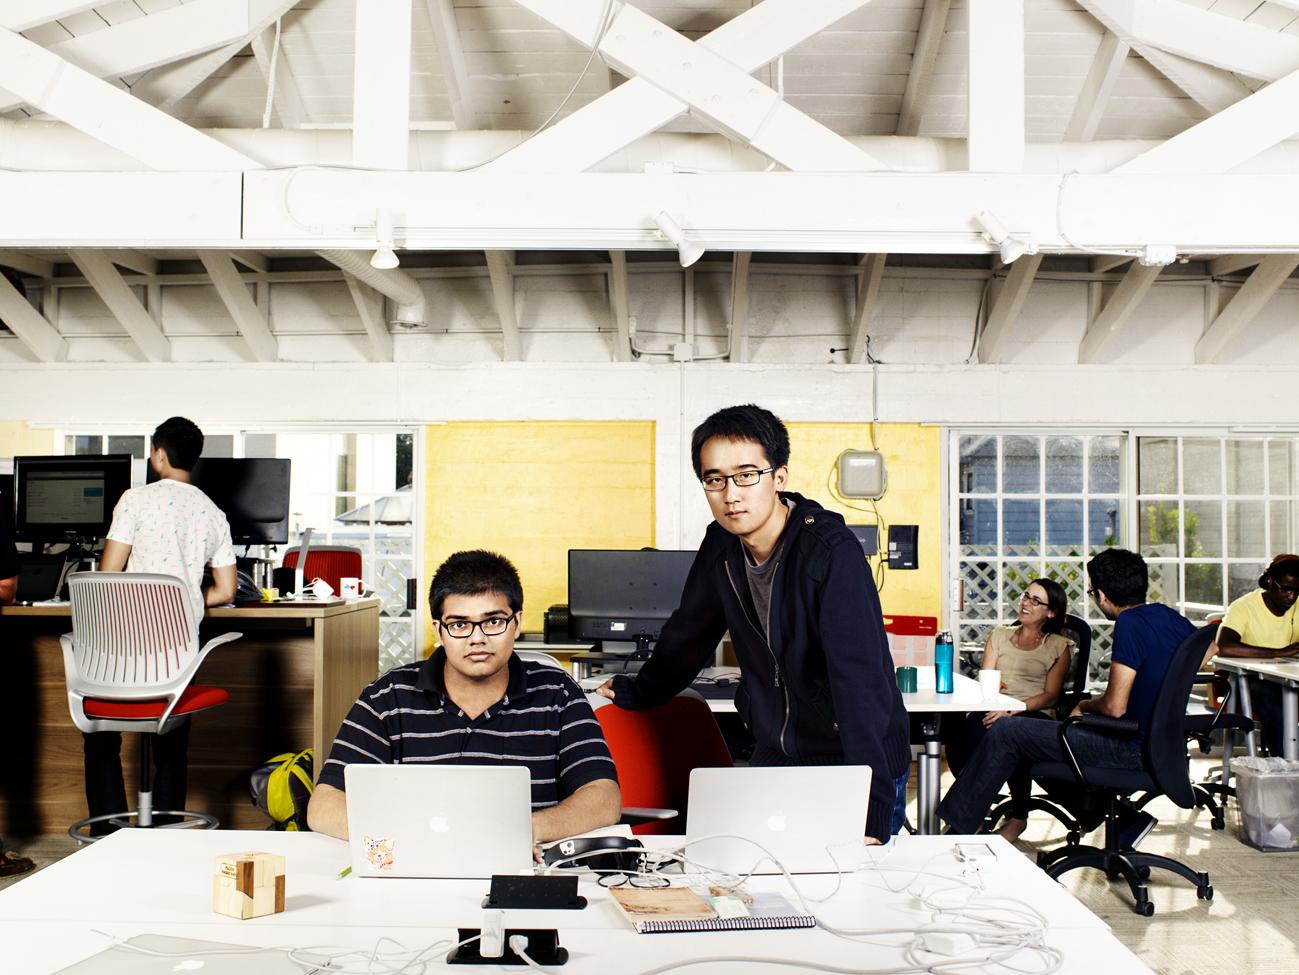 Shubham Goel and Ray Zhou